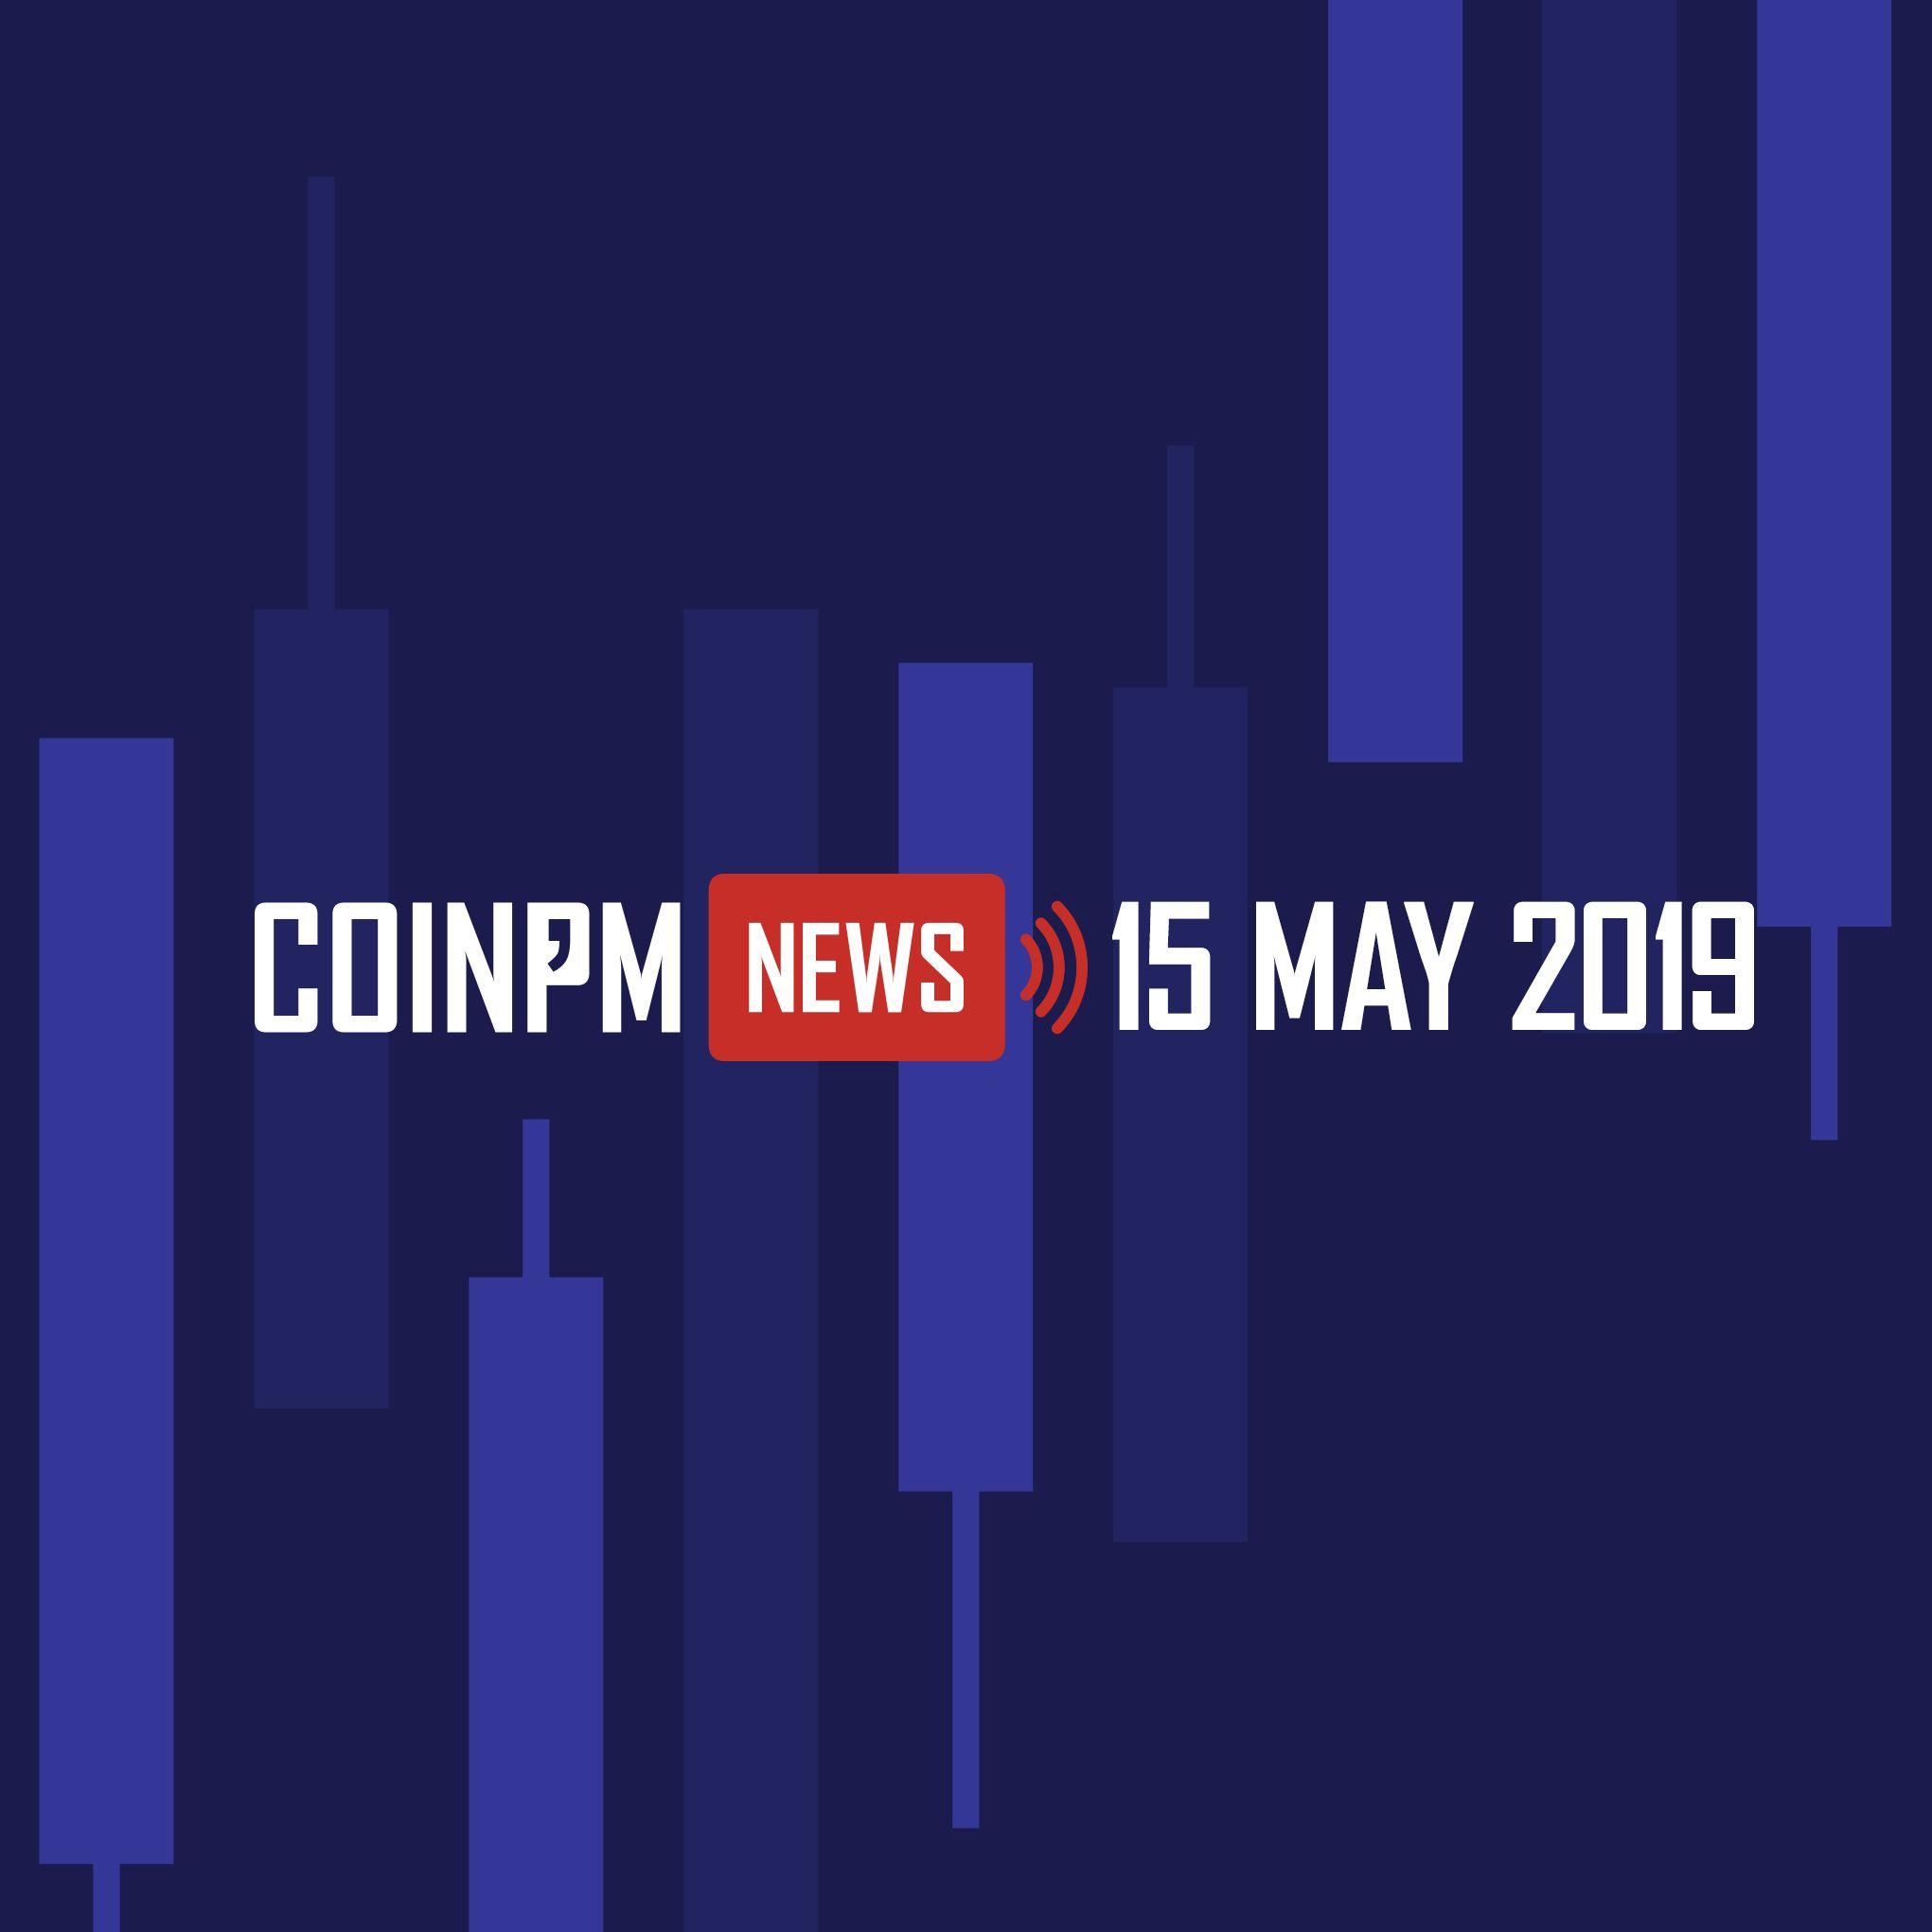 15th May 2019